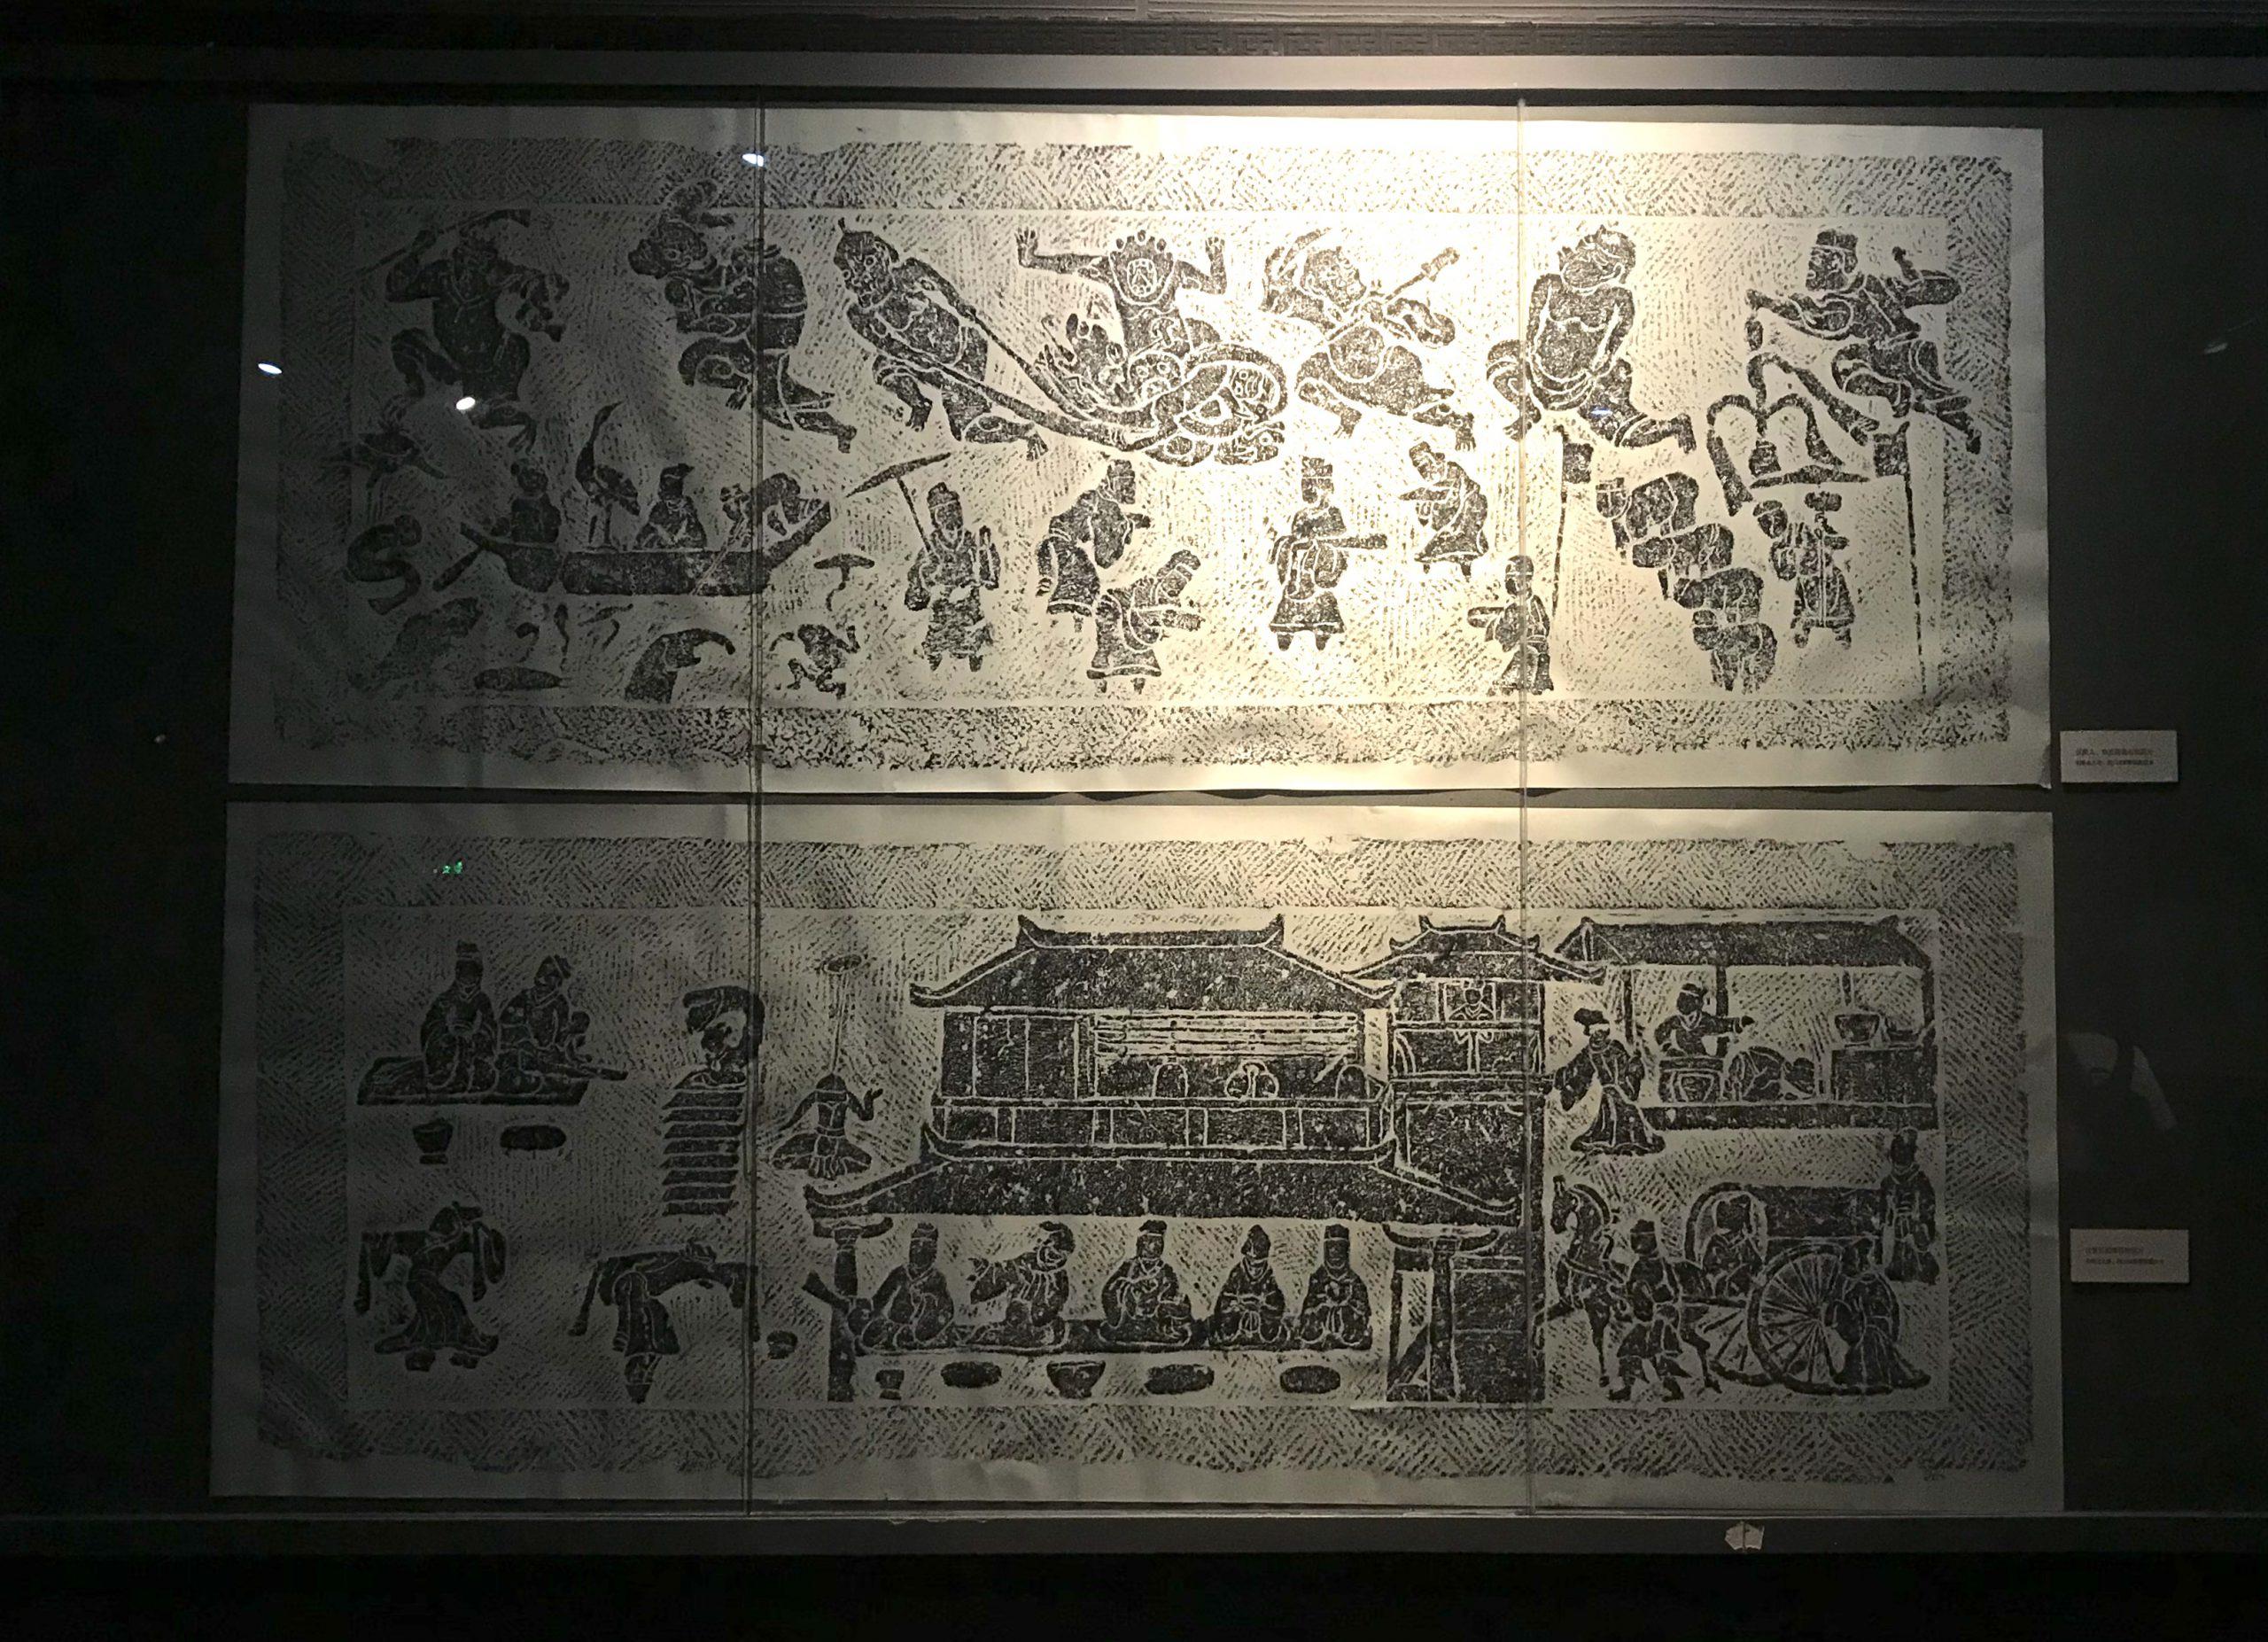 宴飲百戲図石棺-東漢-郫県新勝出土-四川漢代陶石芸術館-四川博物院-成都